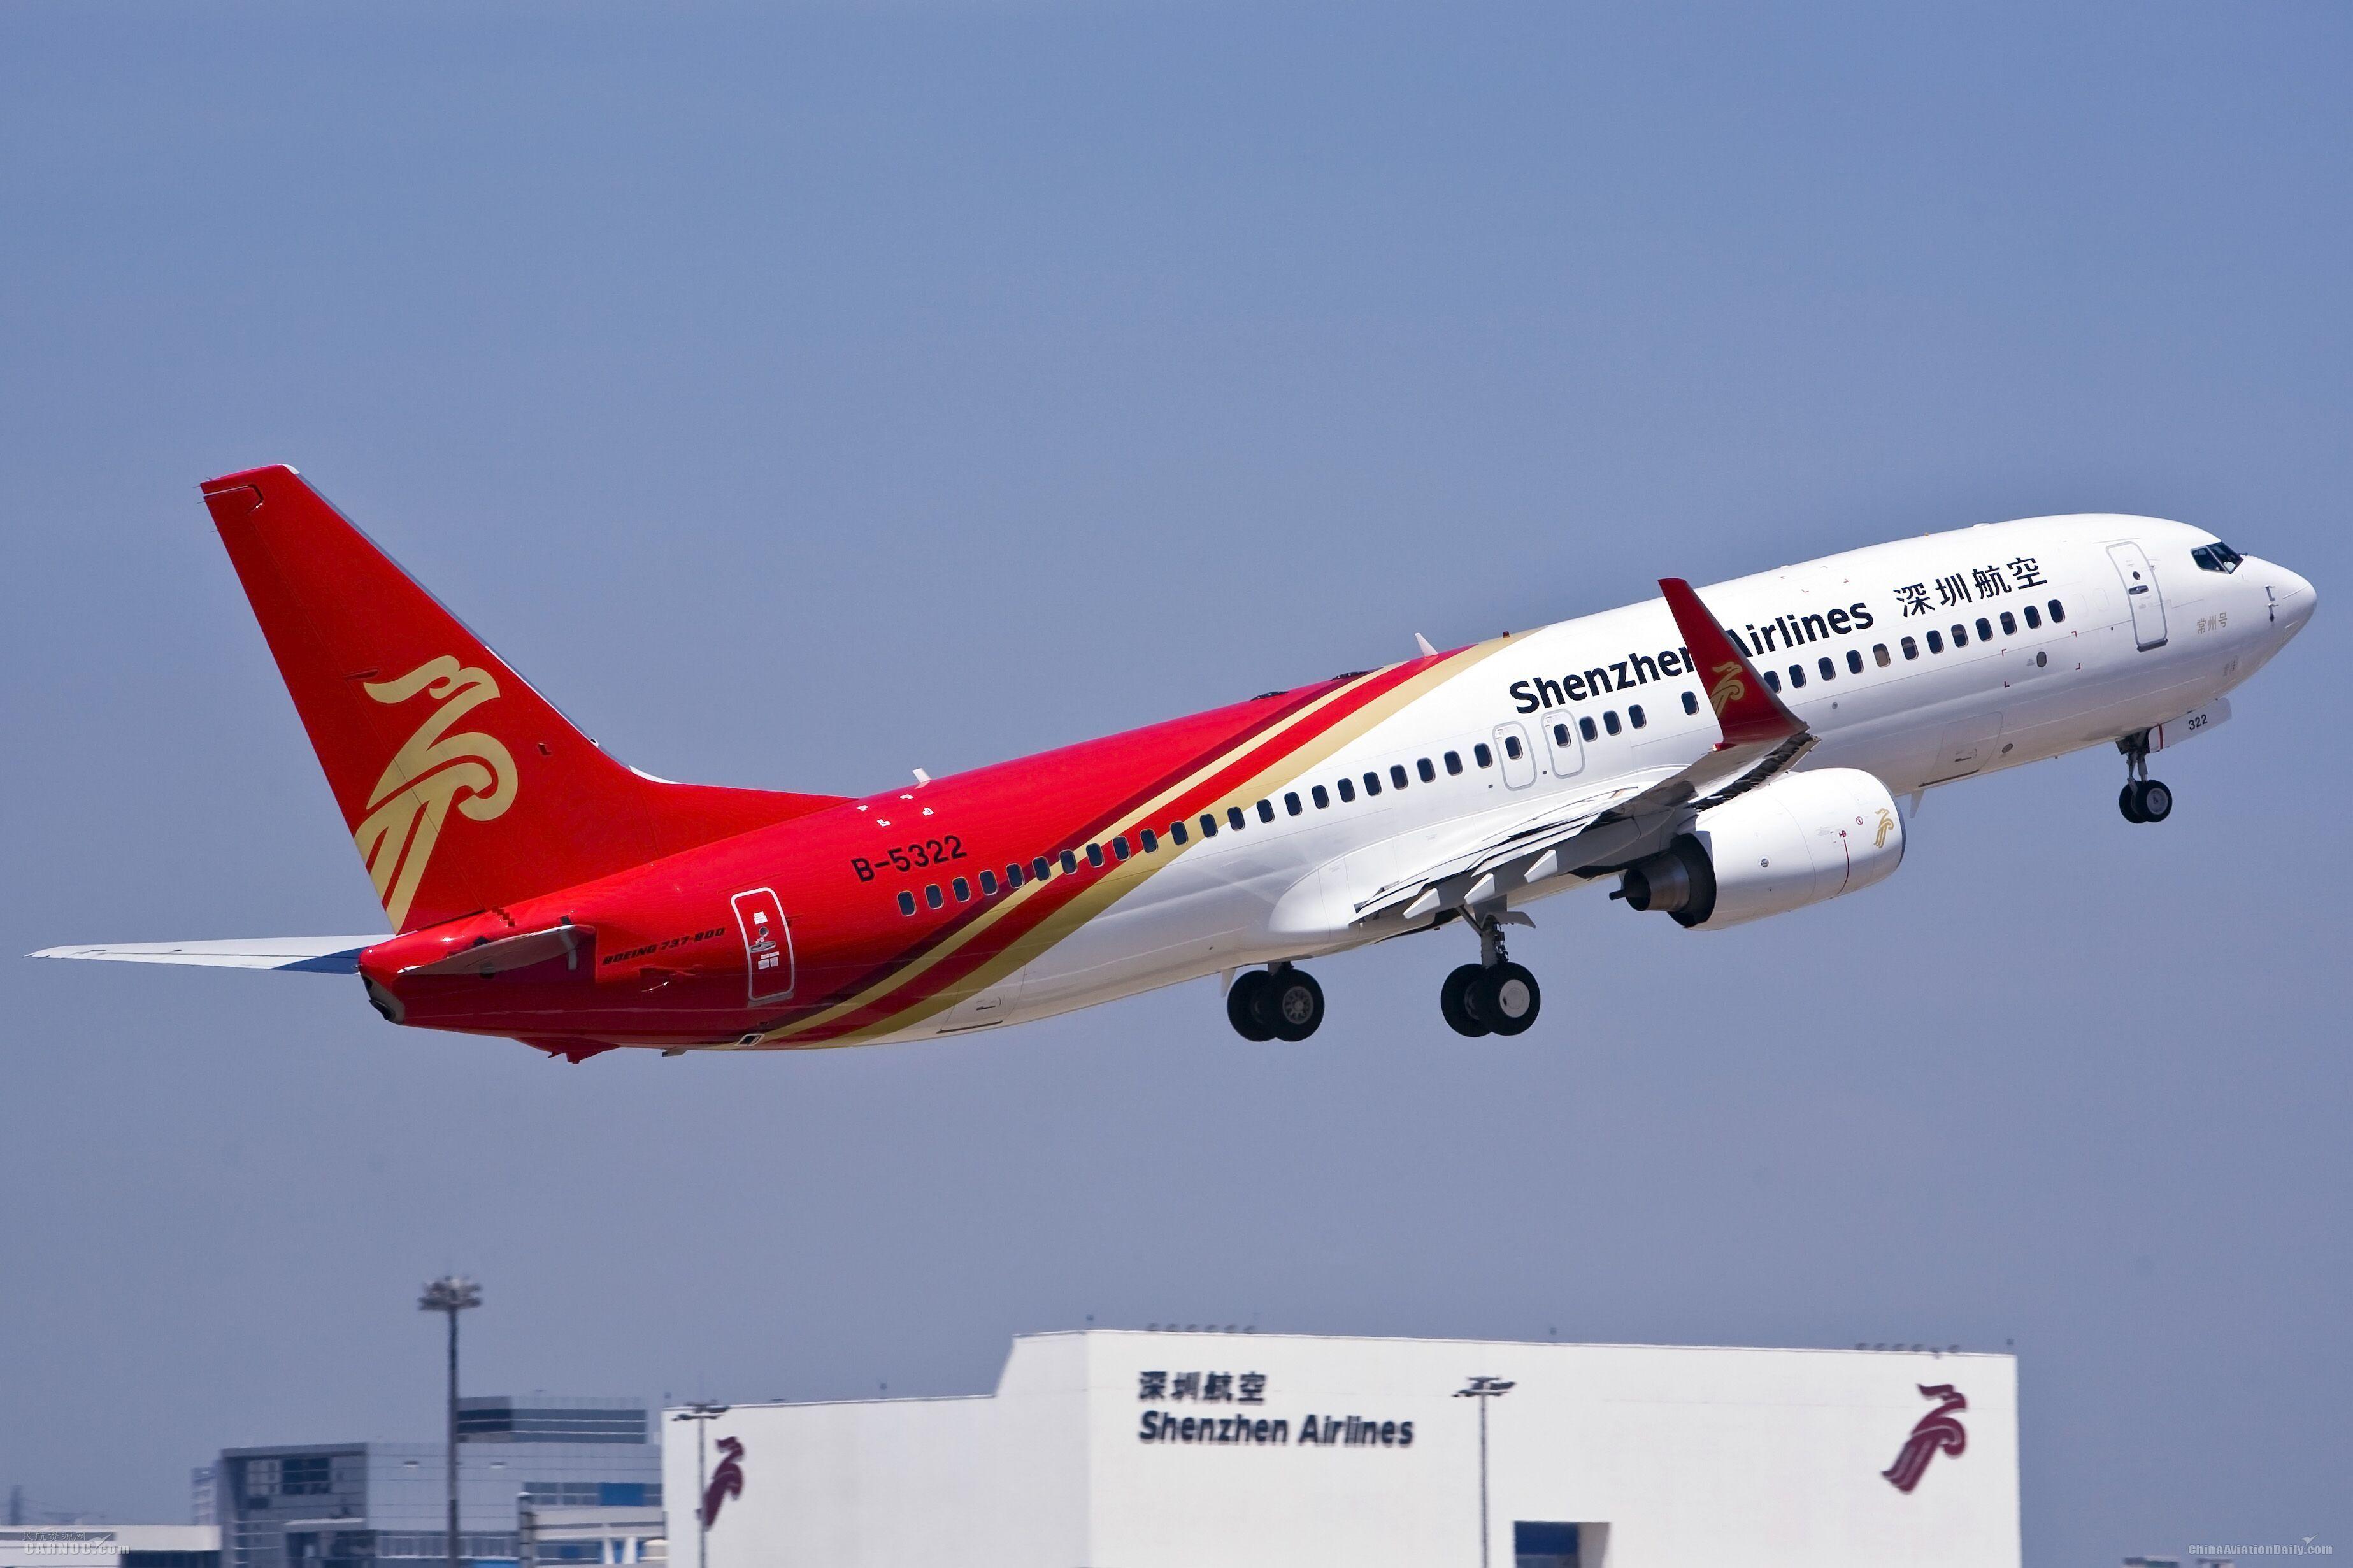 深航首批春运加班航班已上线销售 优惠套票低至1.6折